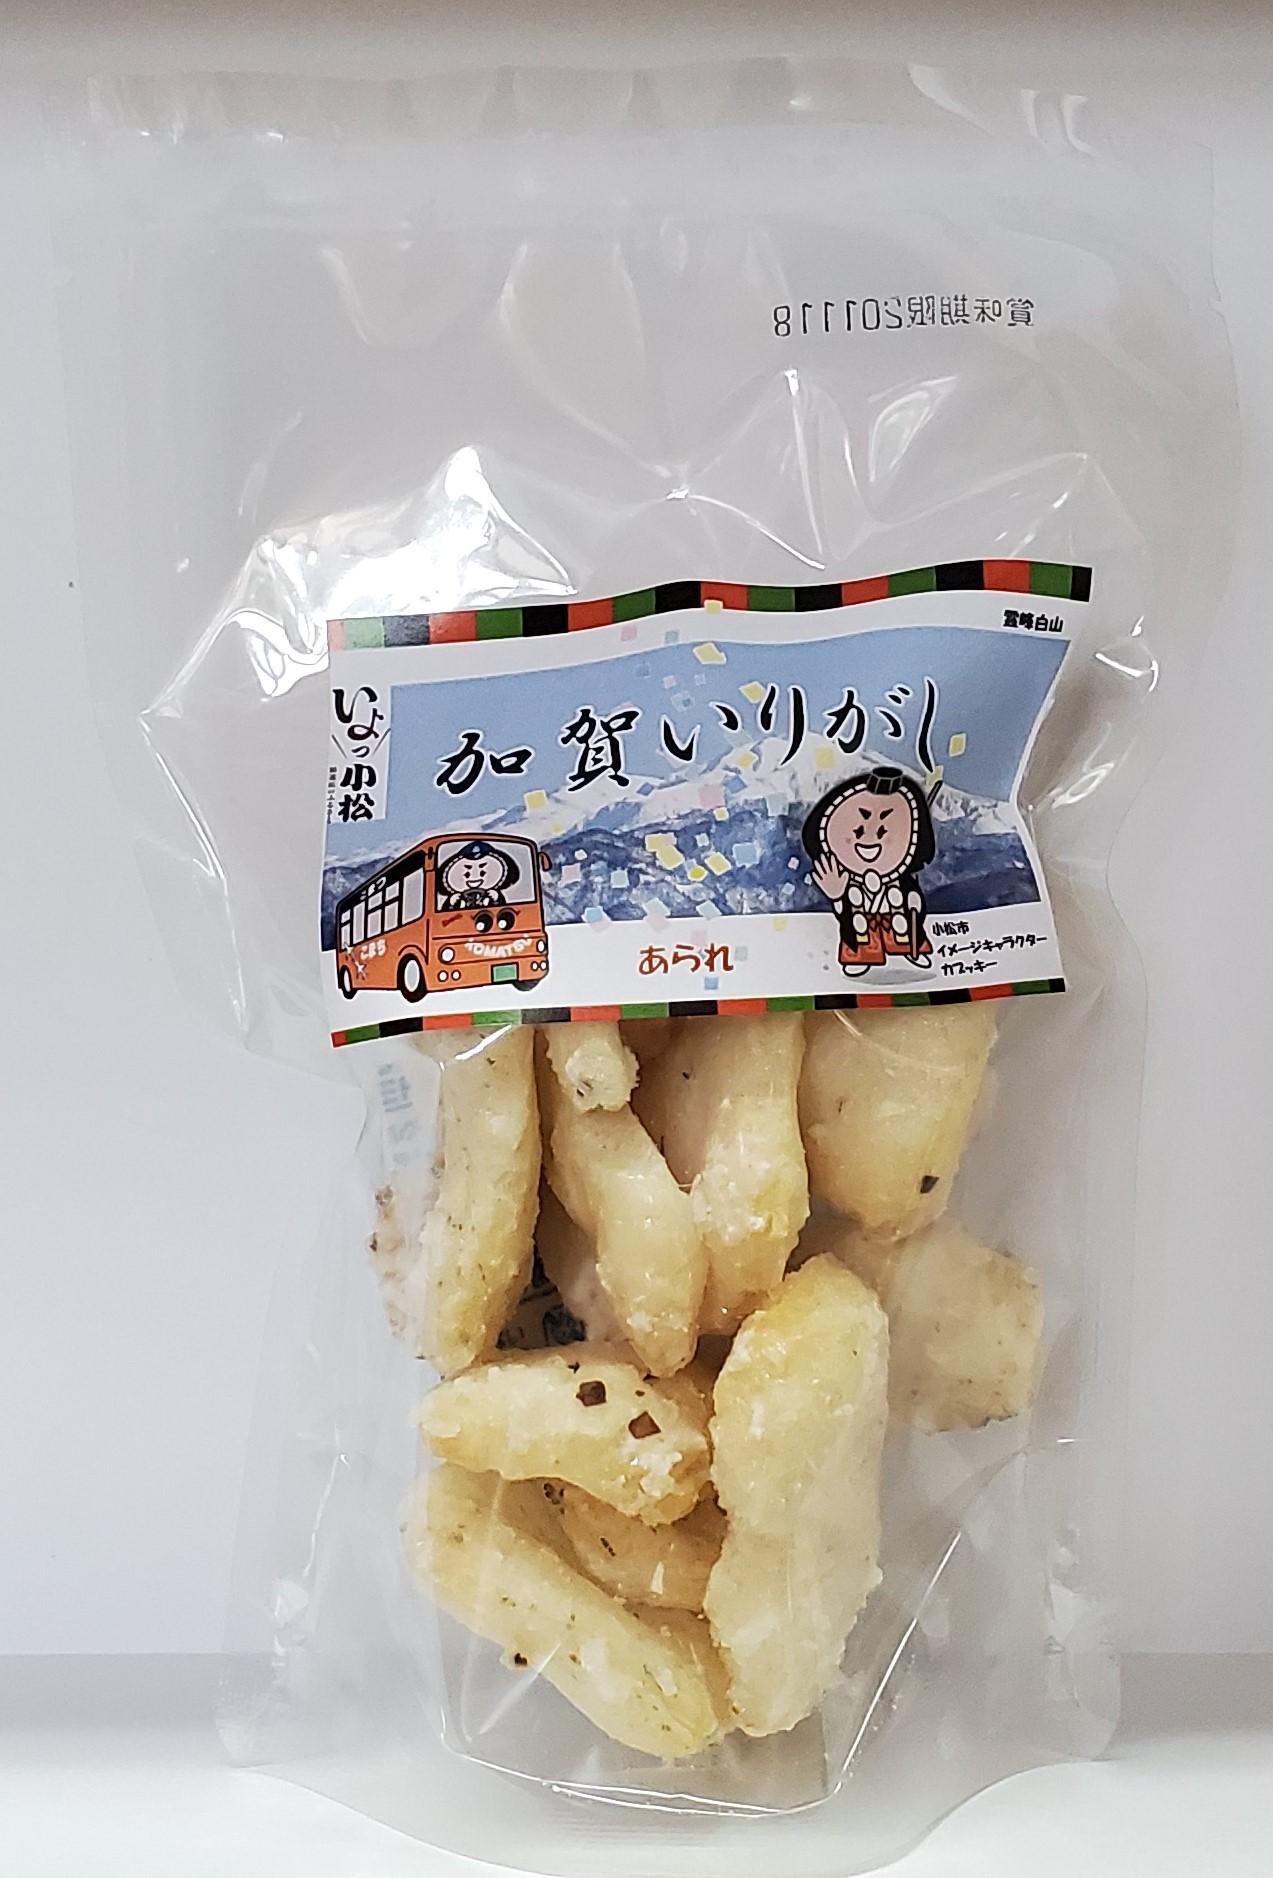 あられ(25g)とあられ生姜味(25g)…お餅をはじいたあられ。油であげていないのでヘルシー!